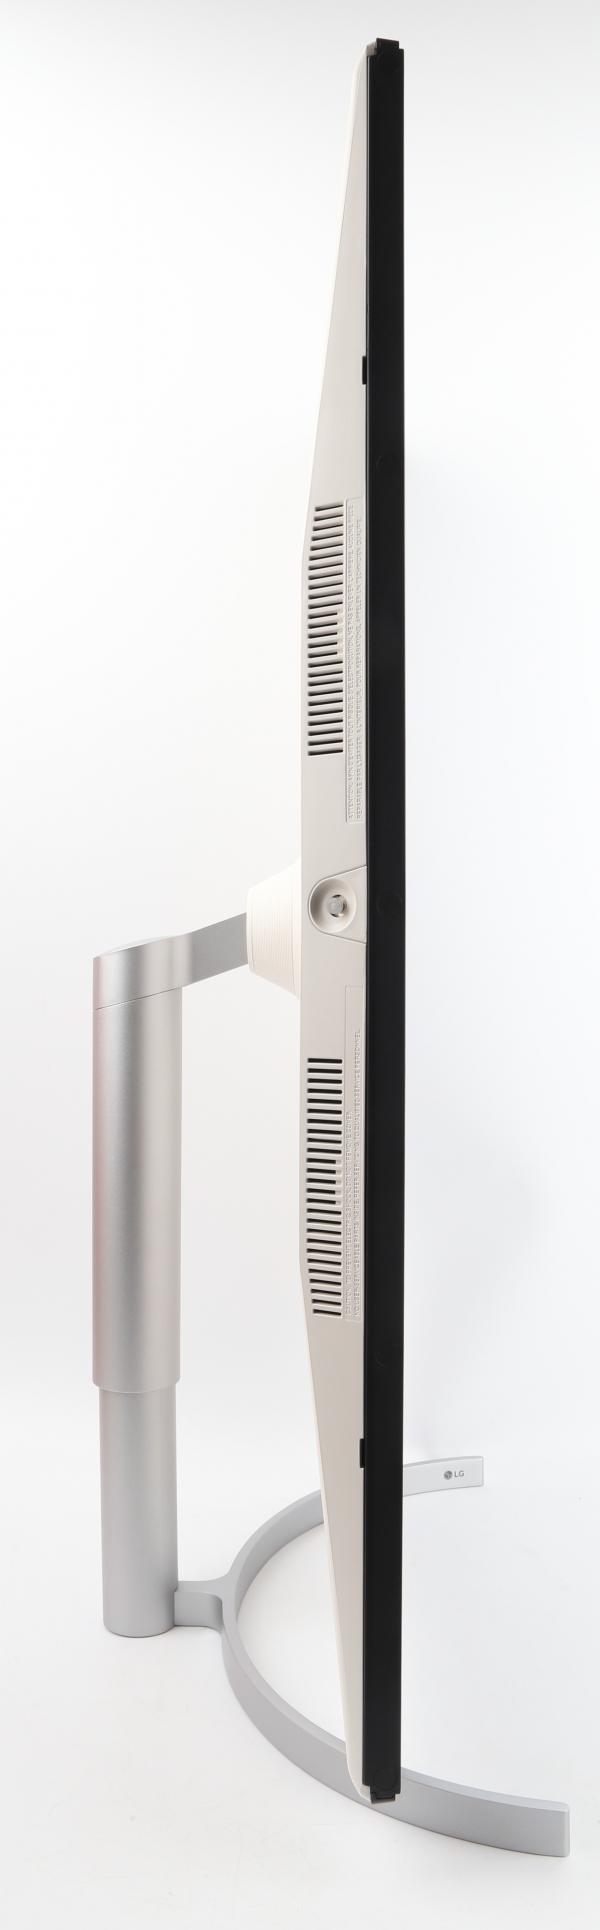 스탠드는 높이 조절 및 피벗 기능이 지원된다.